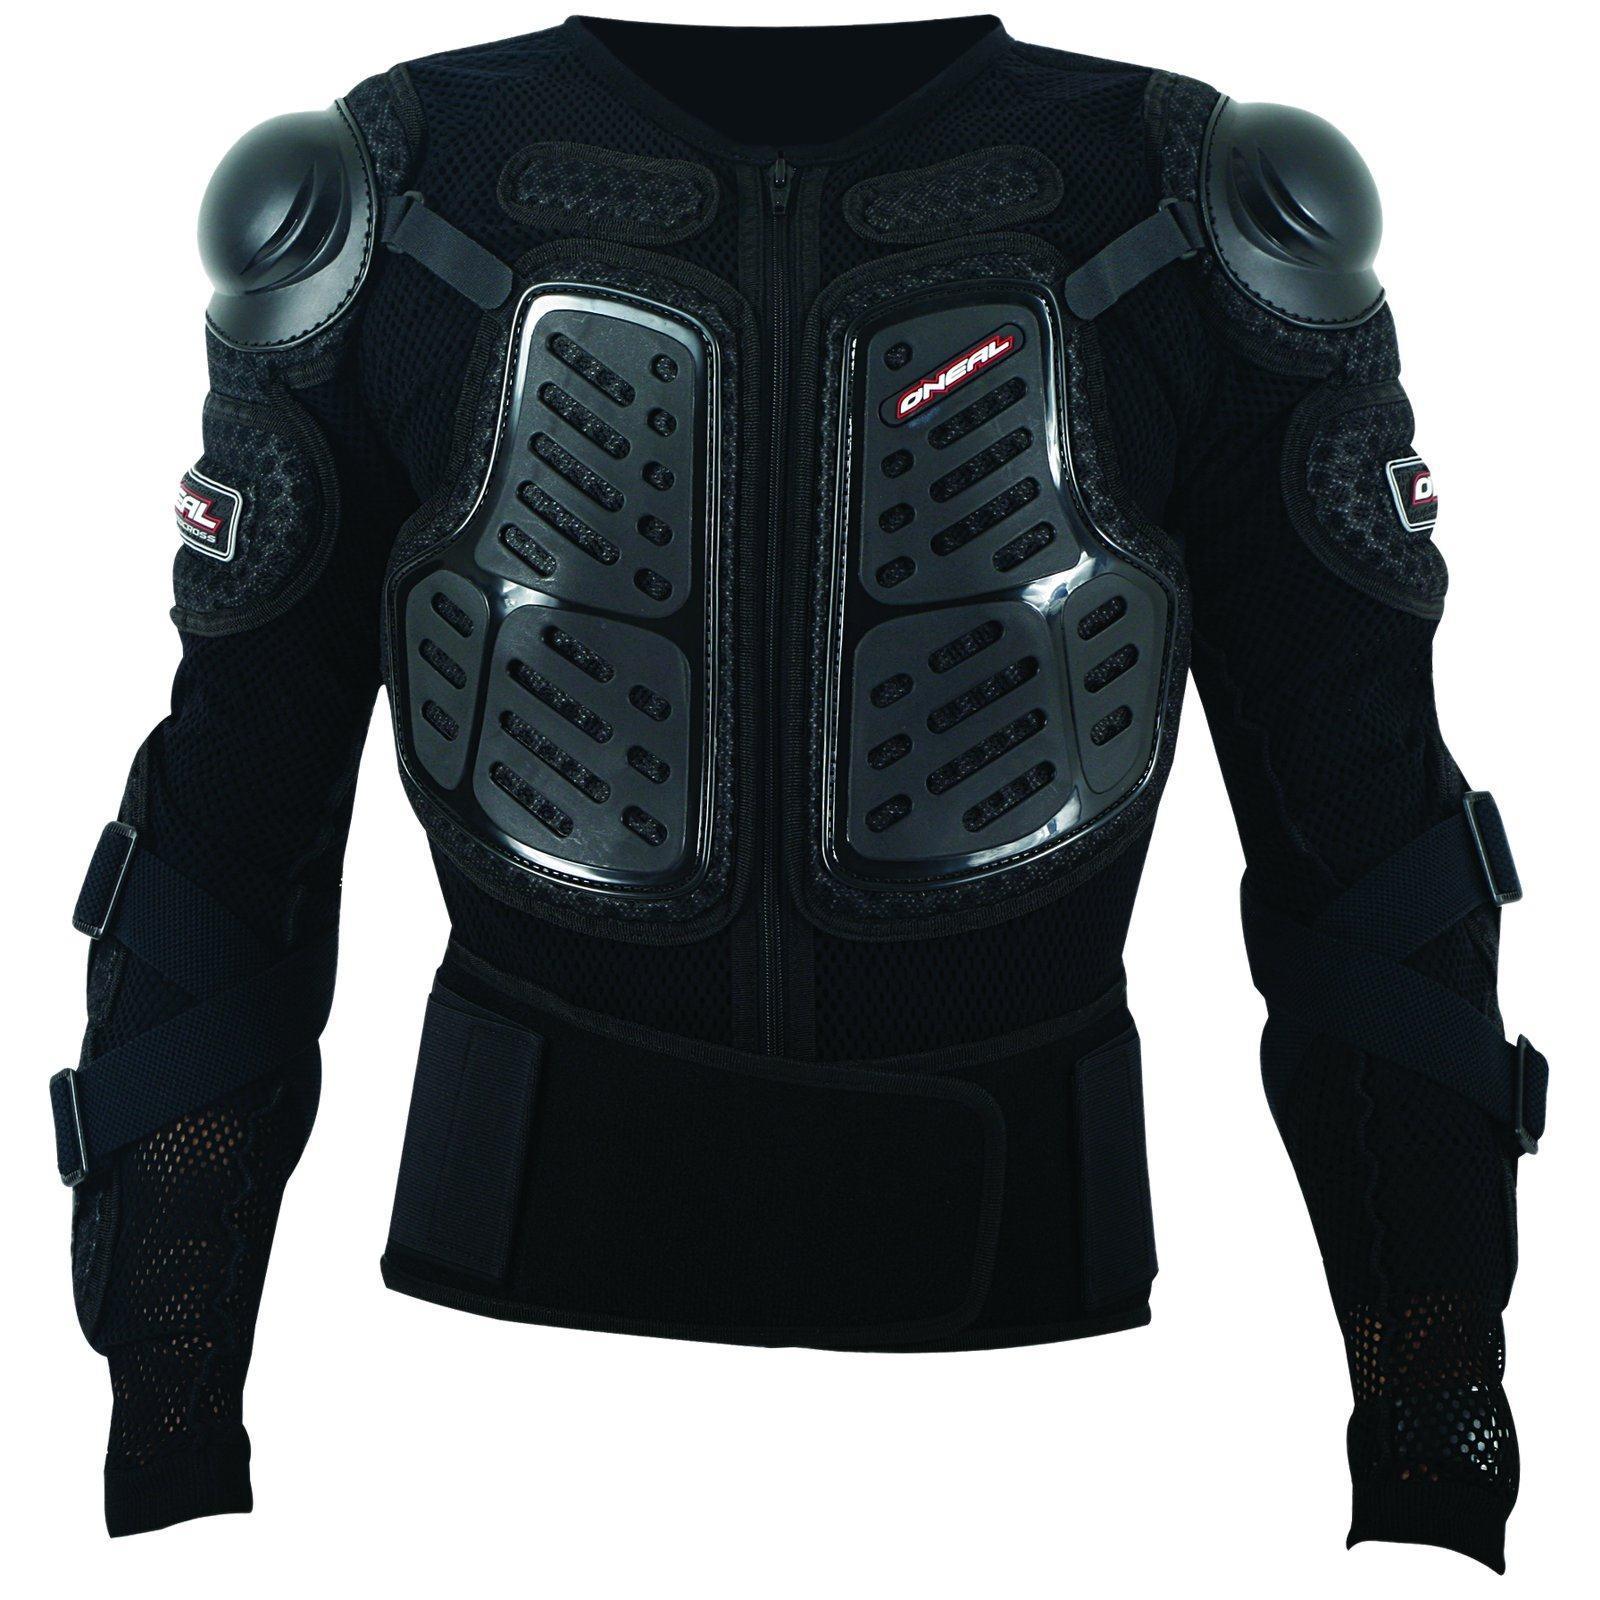 Oneal-protectores-chaqueta-pecho-tanques-chaqueta-moto-cross-FR-DH-proteccion-chaleco-MX-MTB miniatura 15